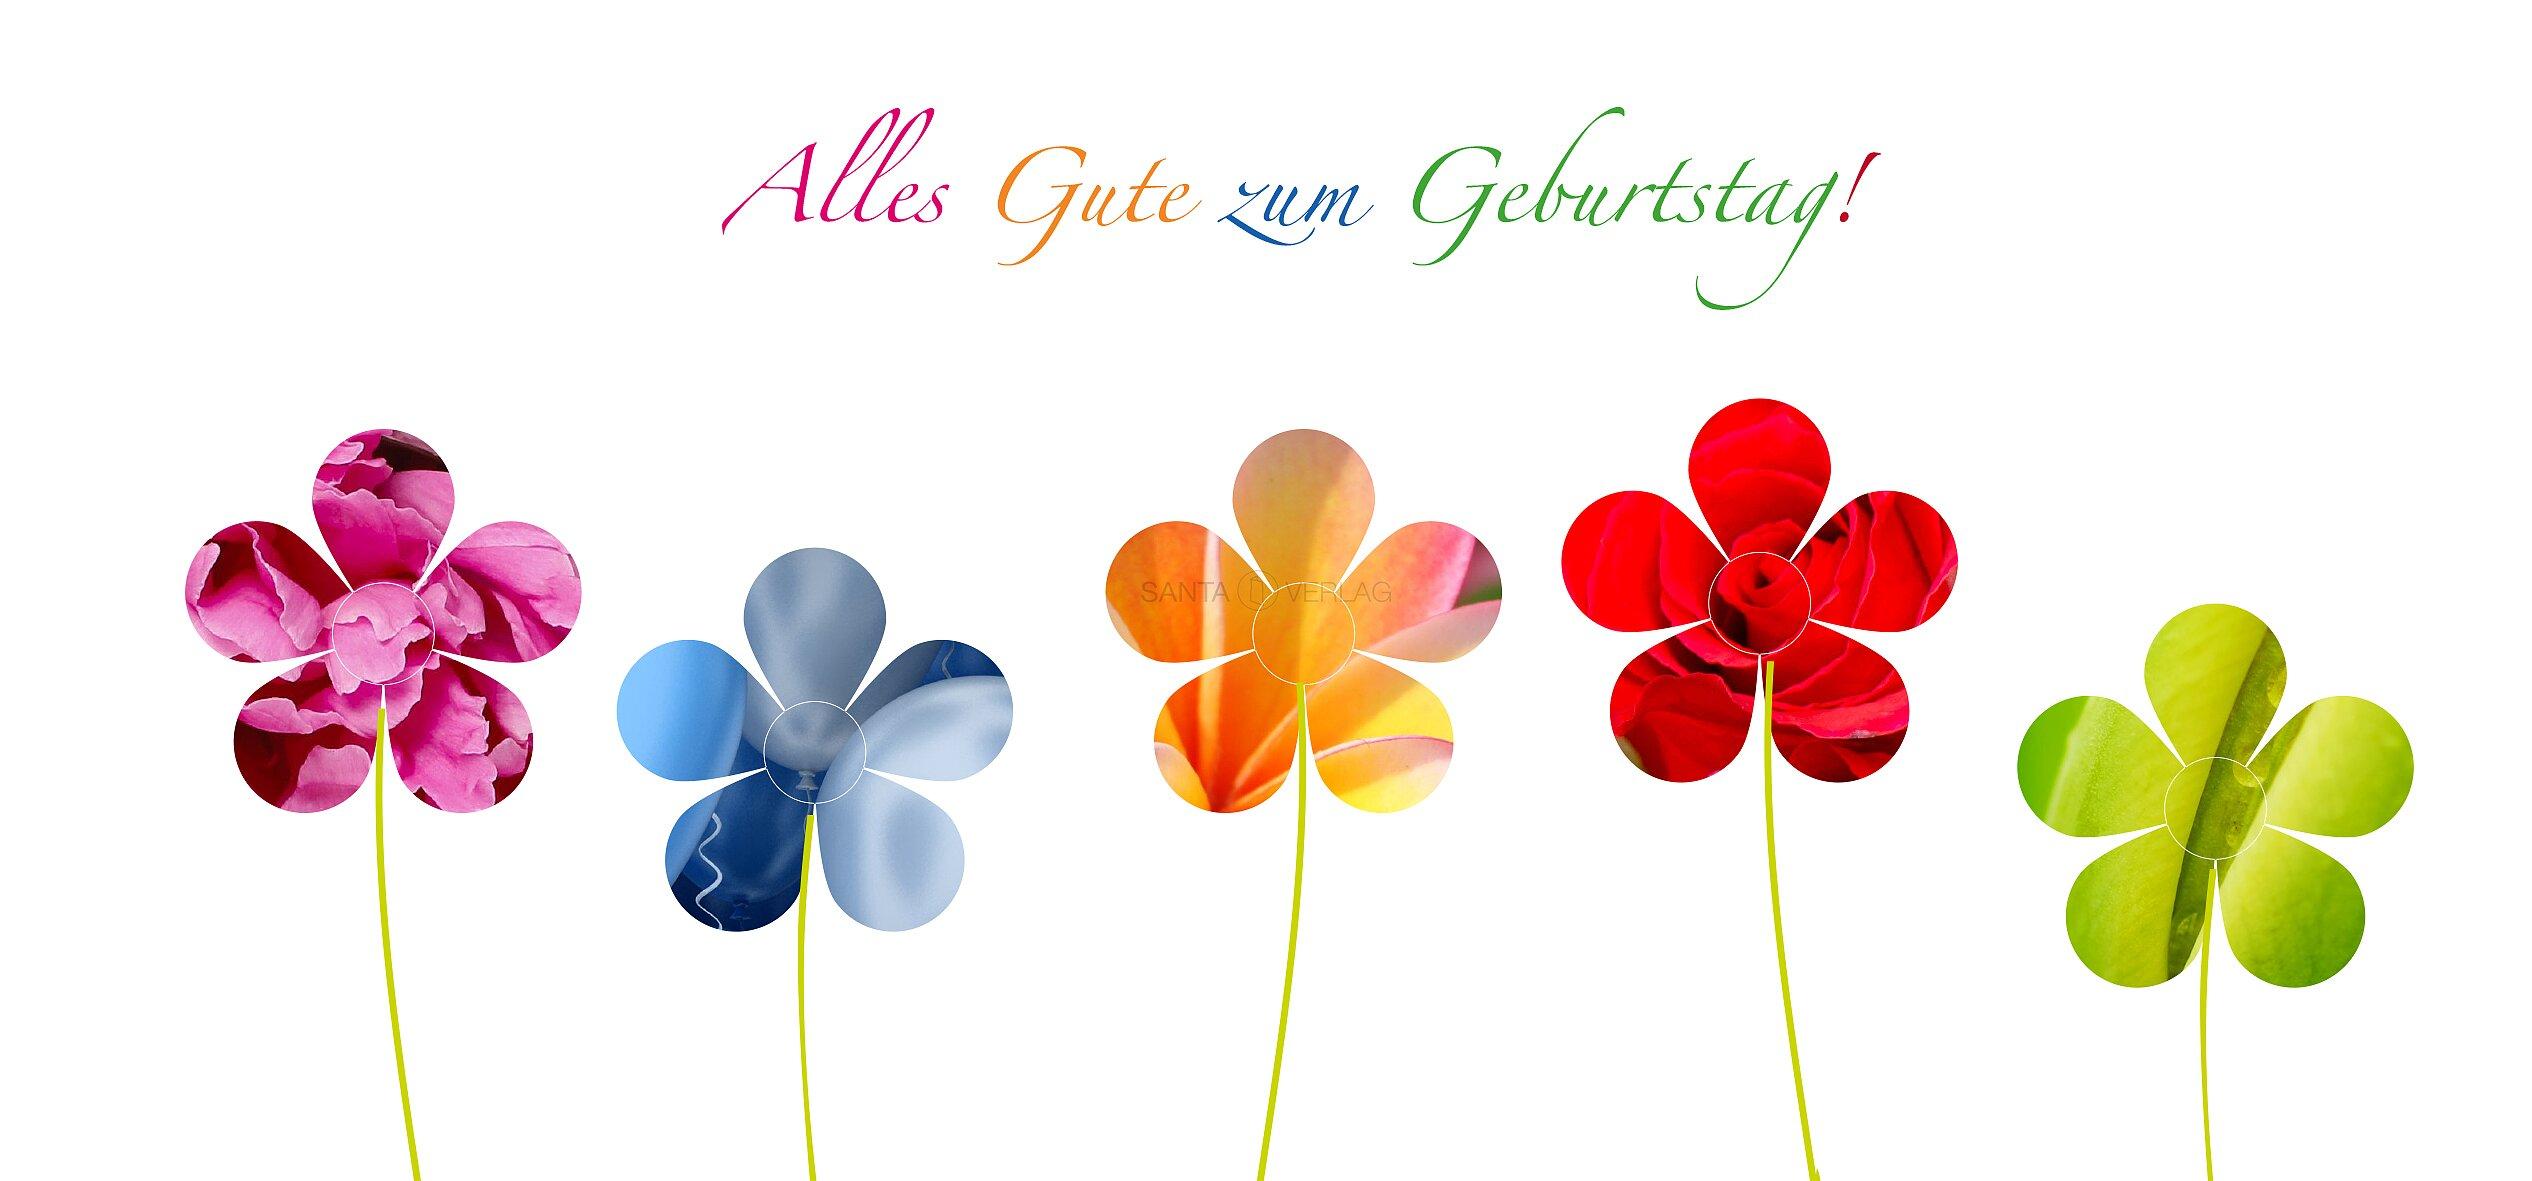 Gluckwunschkarte Blumen Bunt Alles Gute Zum Geburtstag